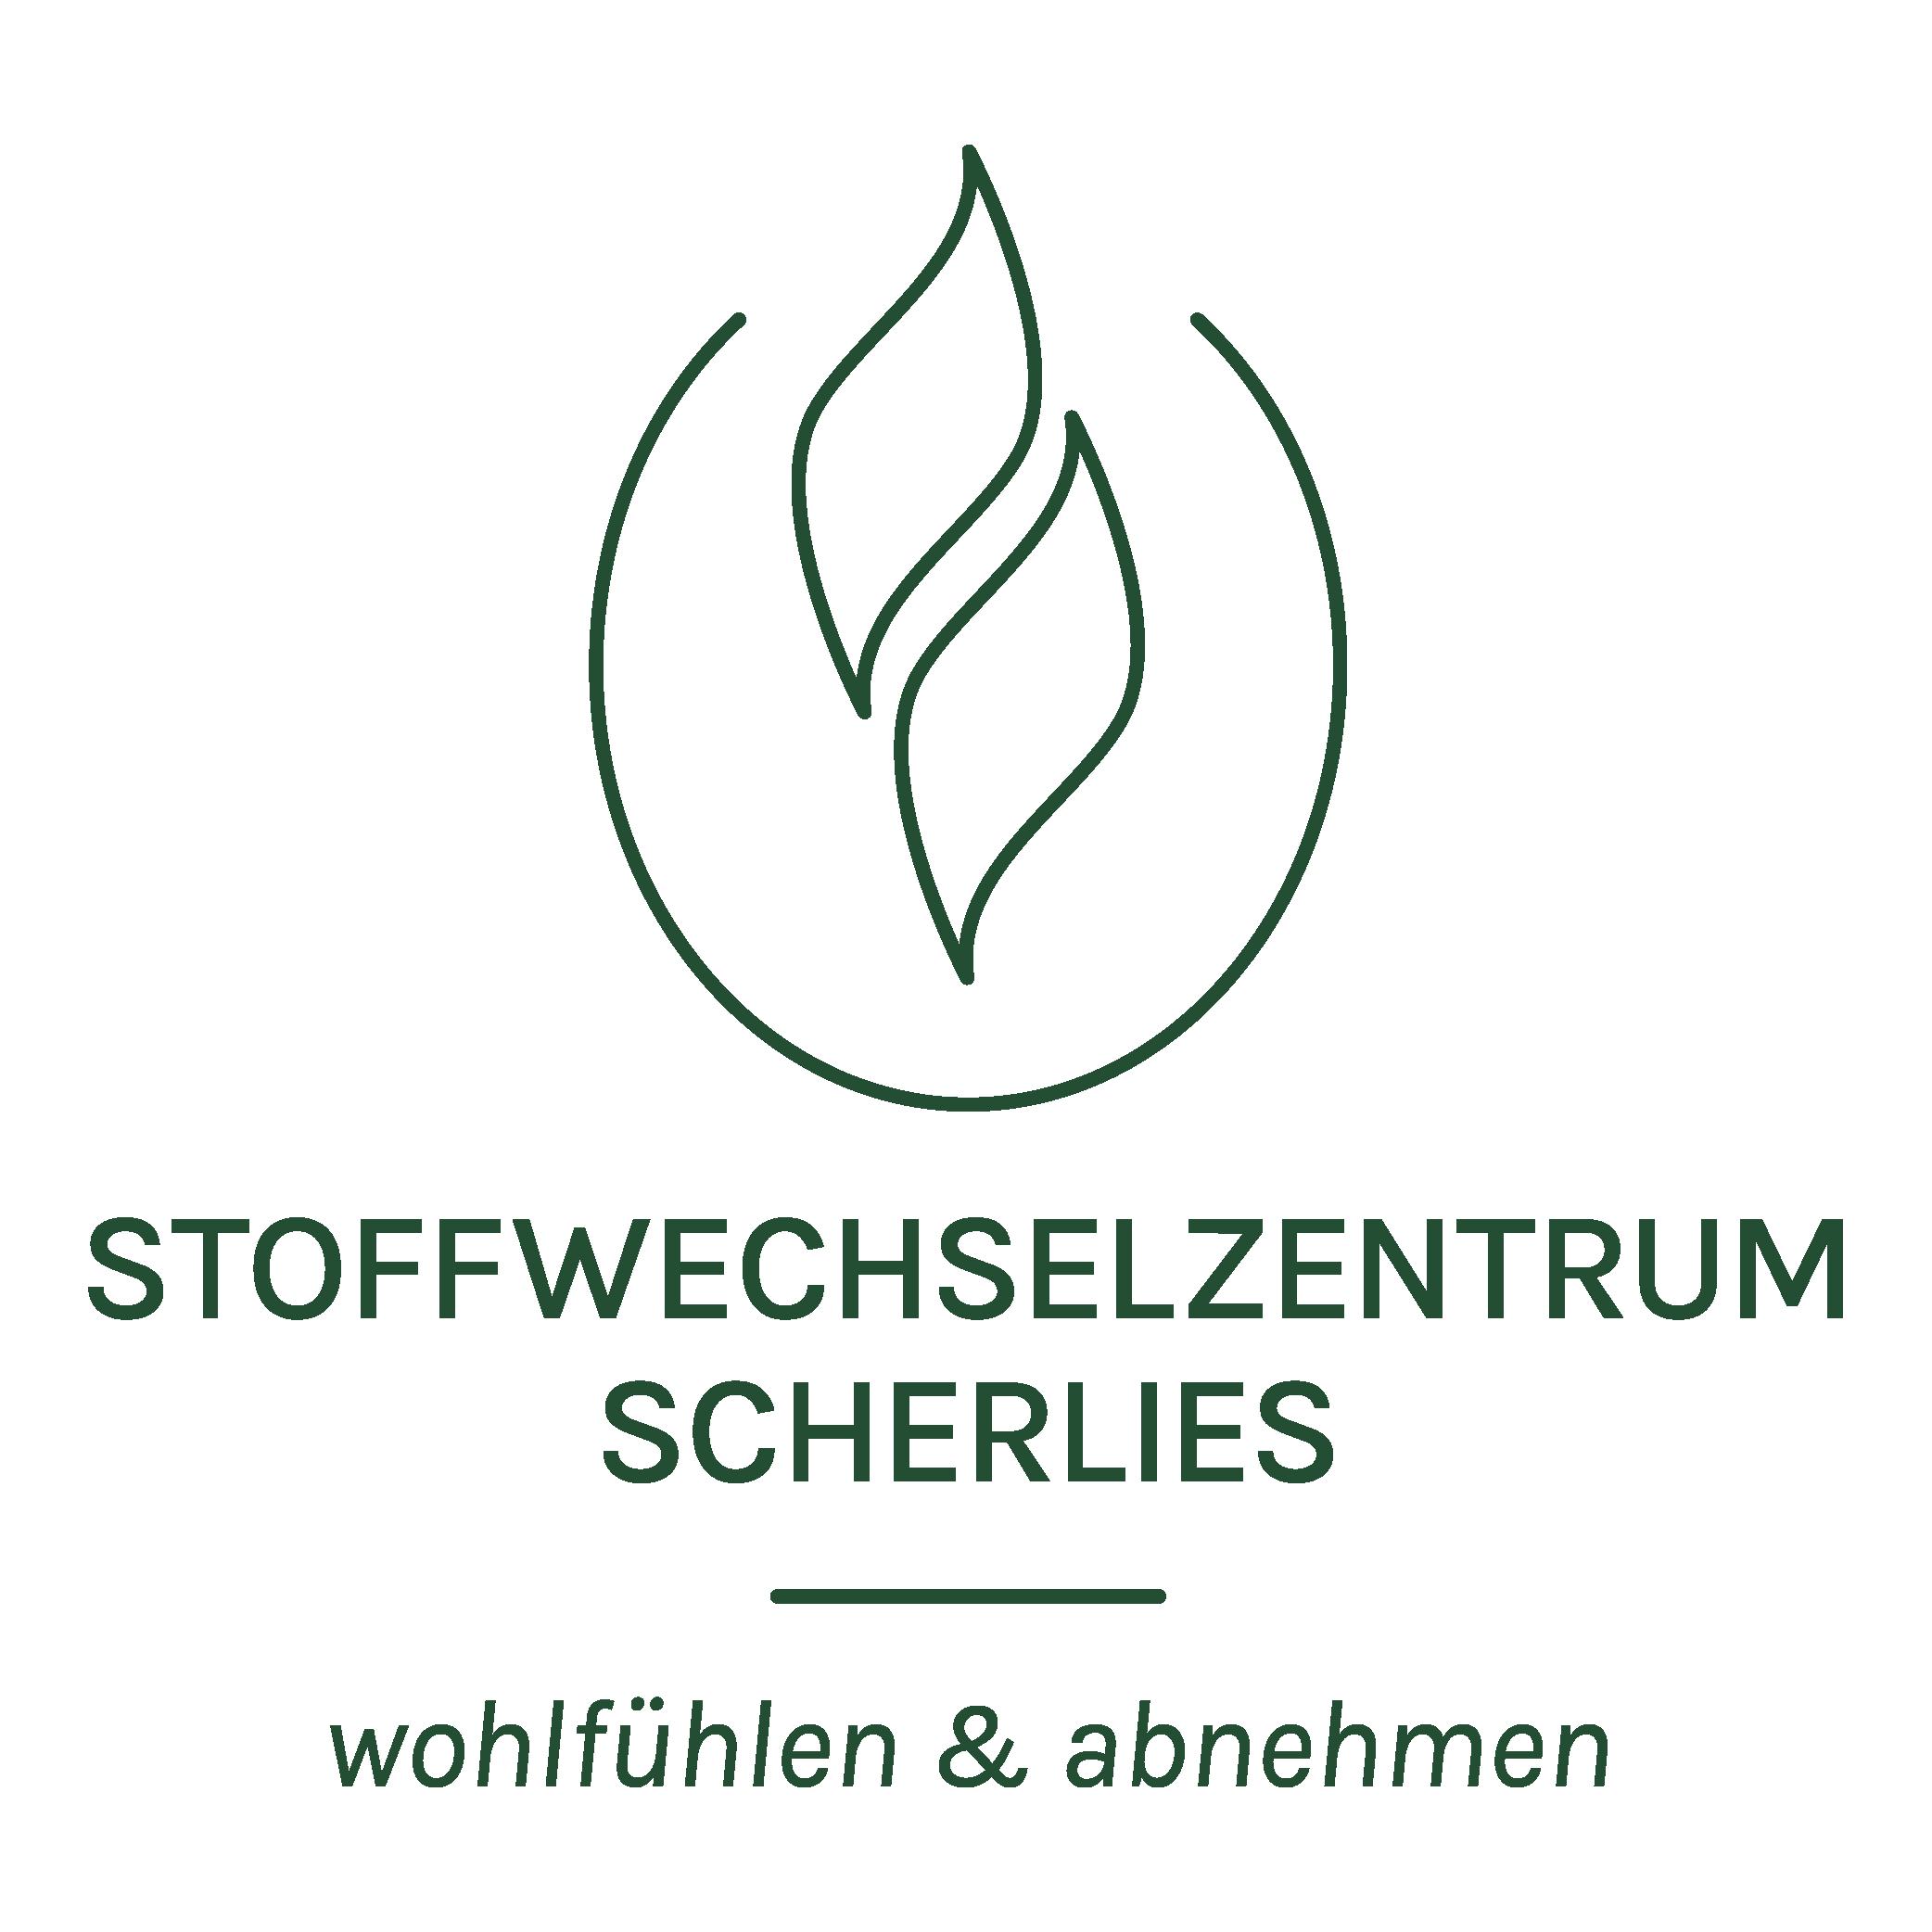 Logo Stoffwechselzentrum Scherlies